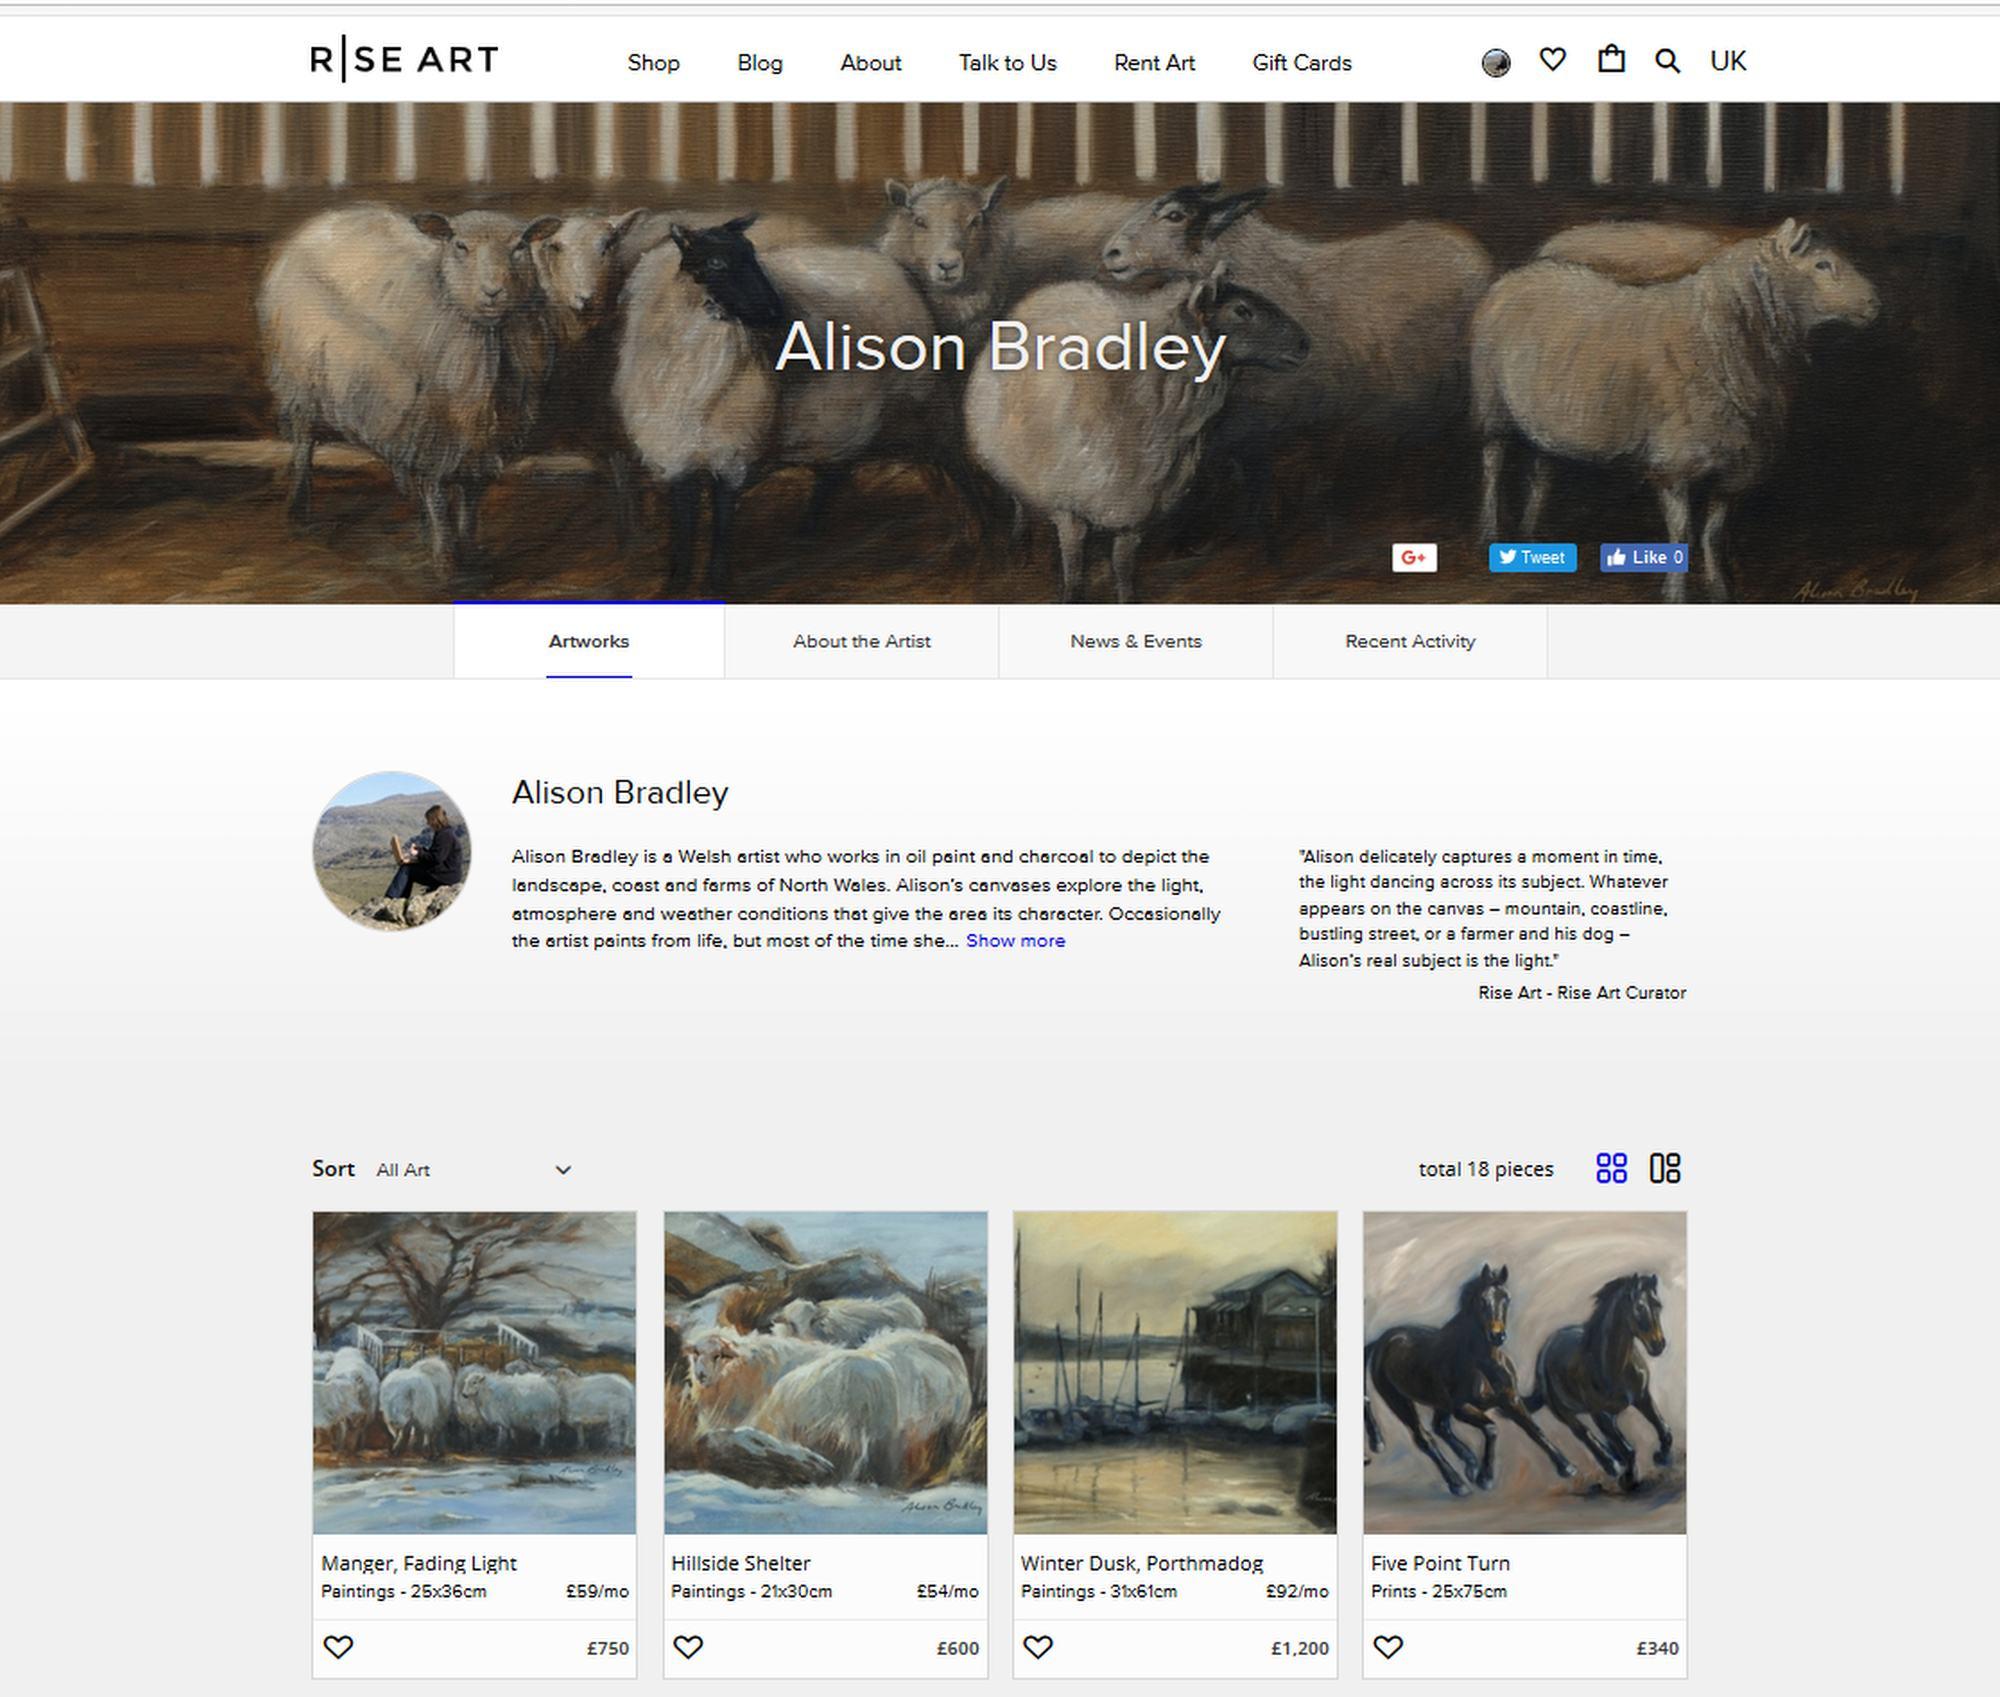 Rise Art - Alison's page